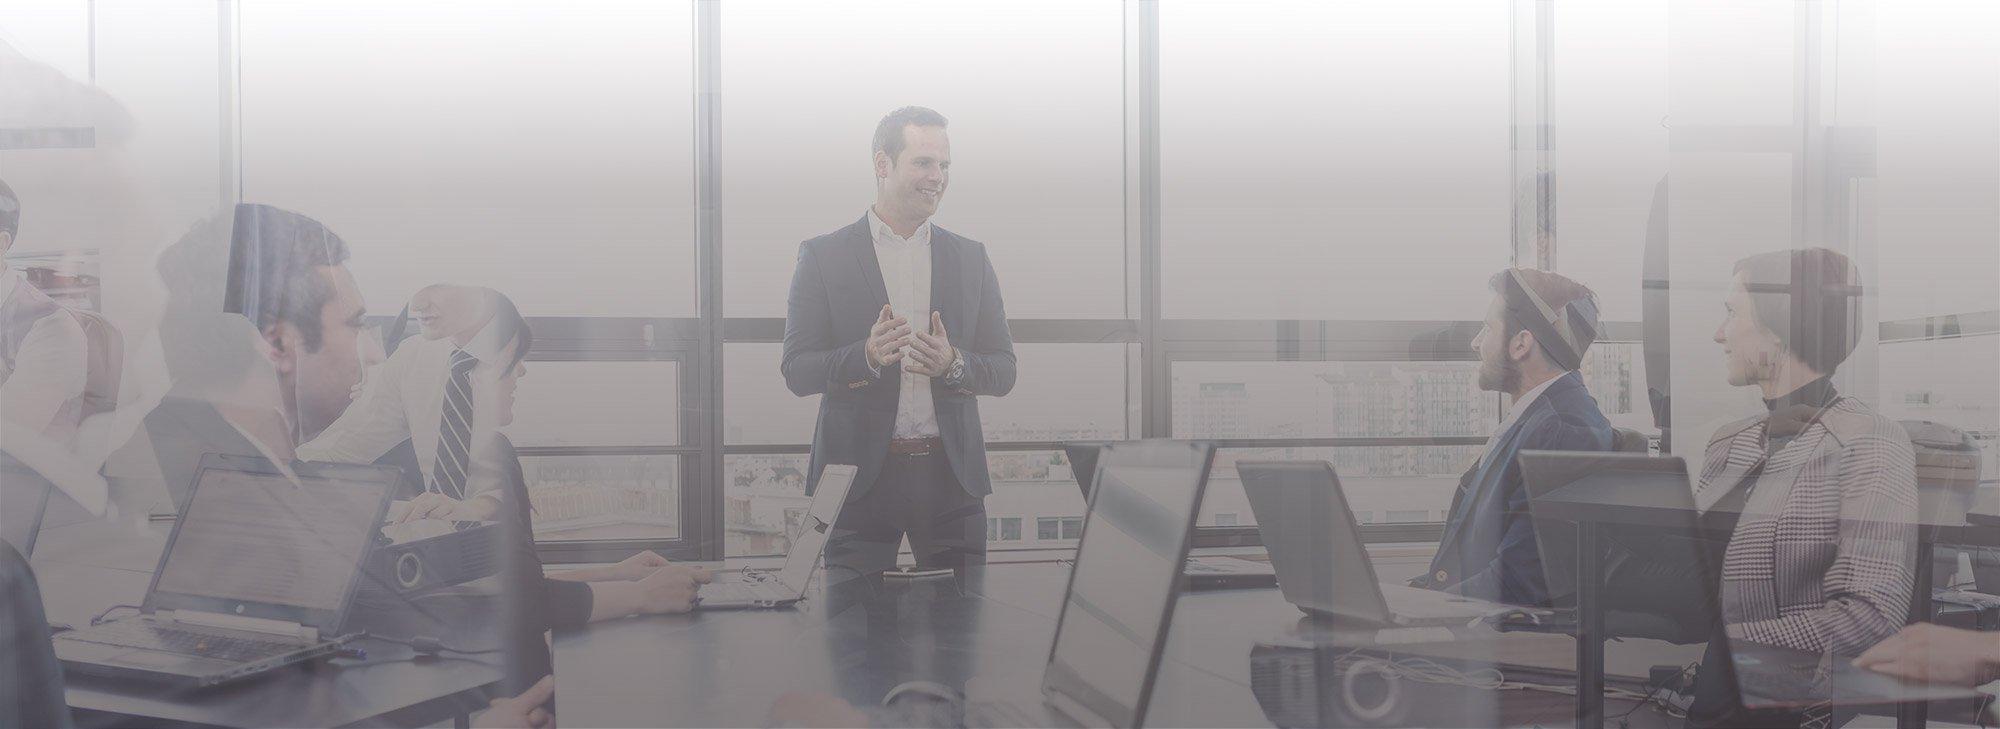 Leiderschapsontwikkeling | VitalTalent